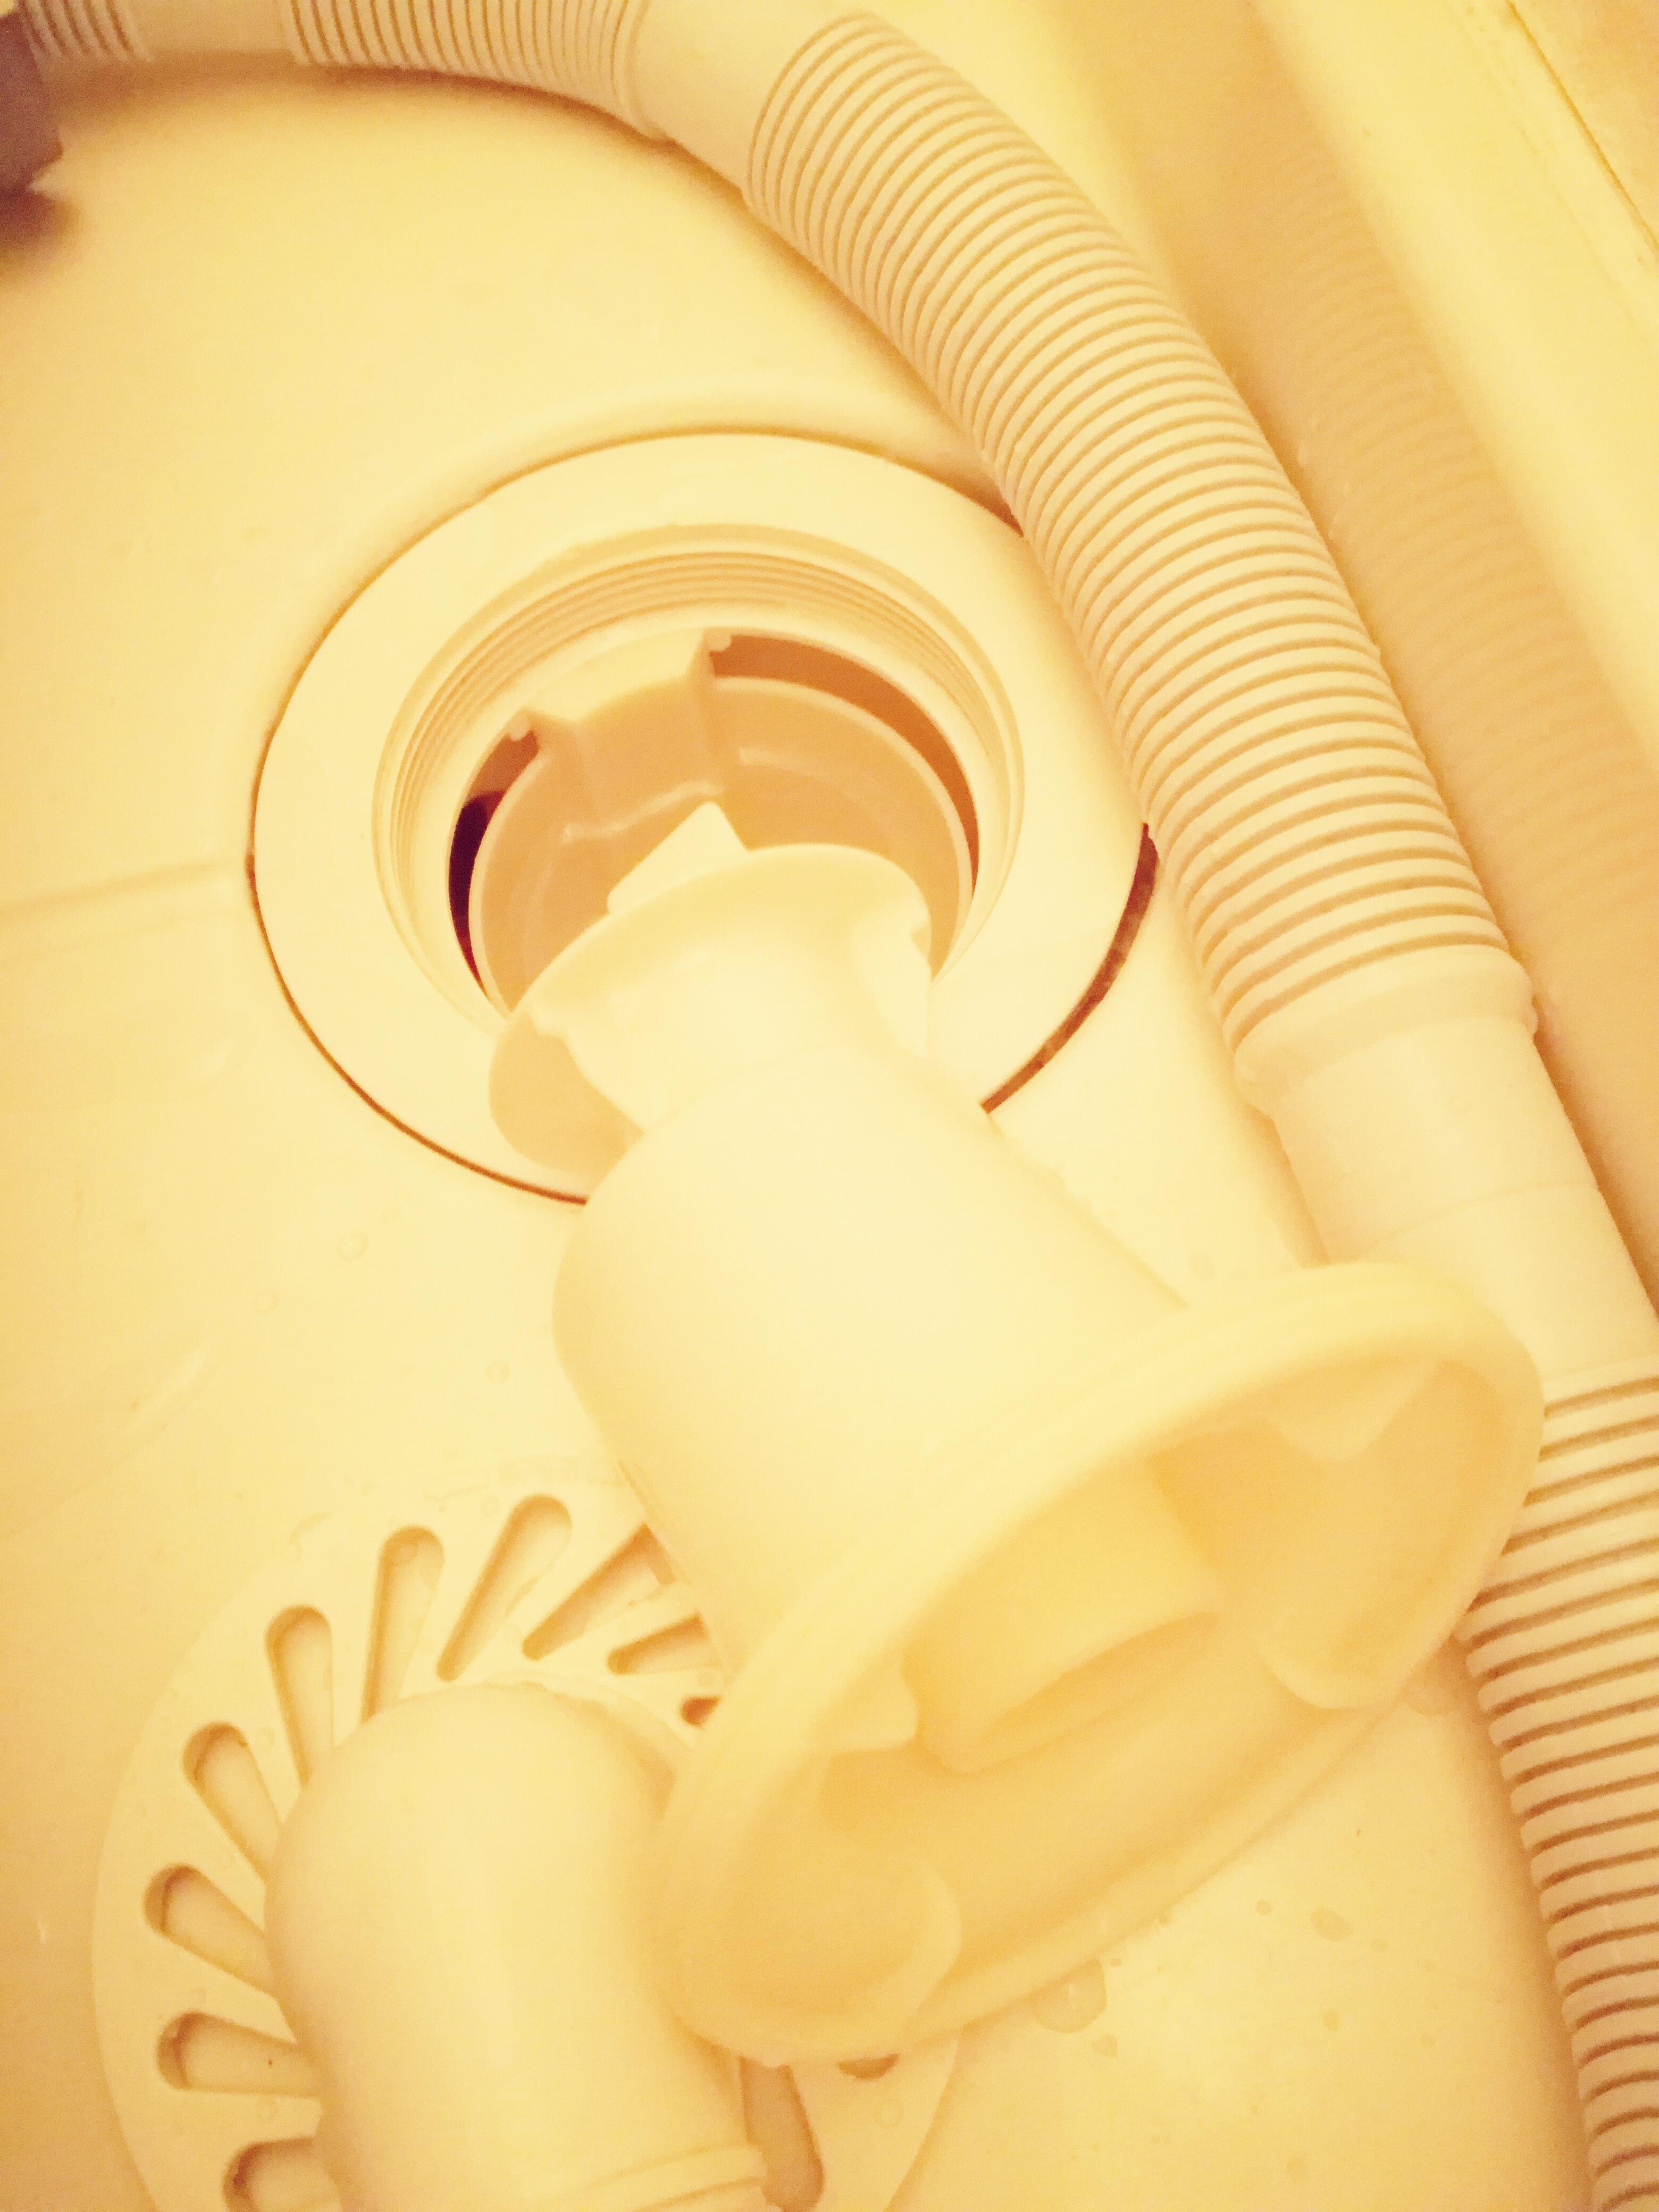 洗濯排水溝